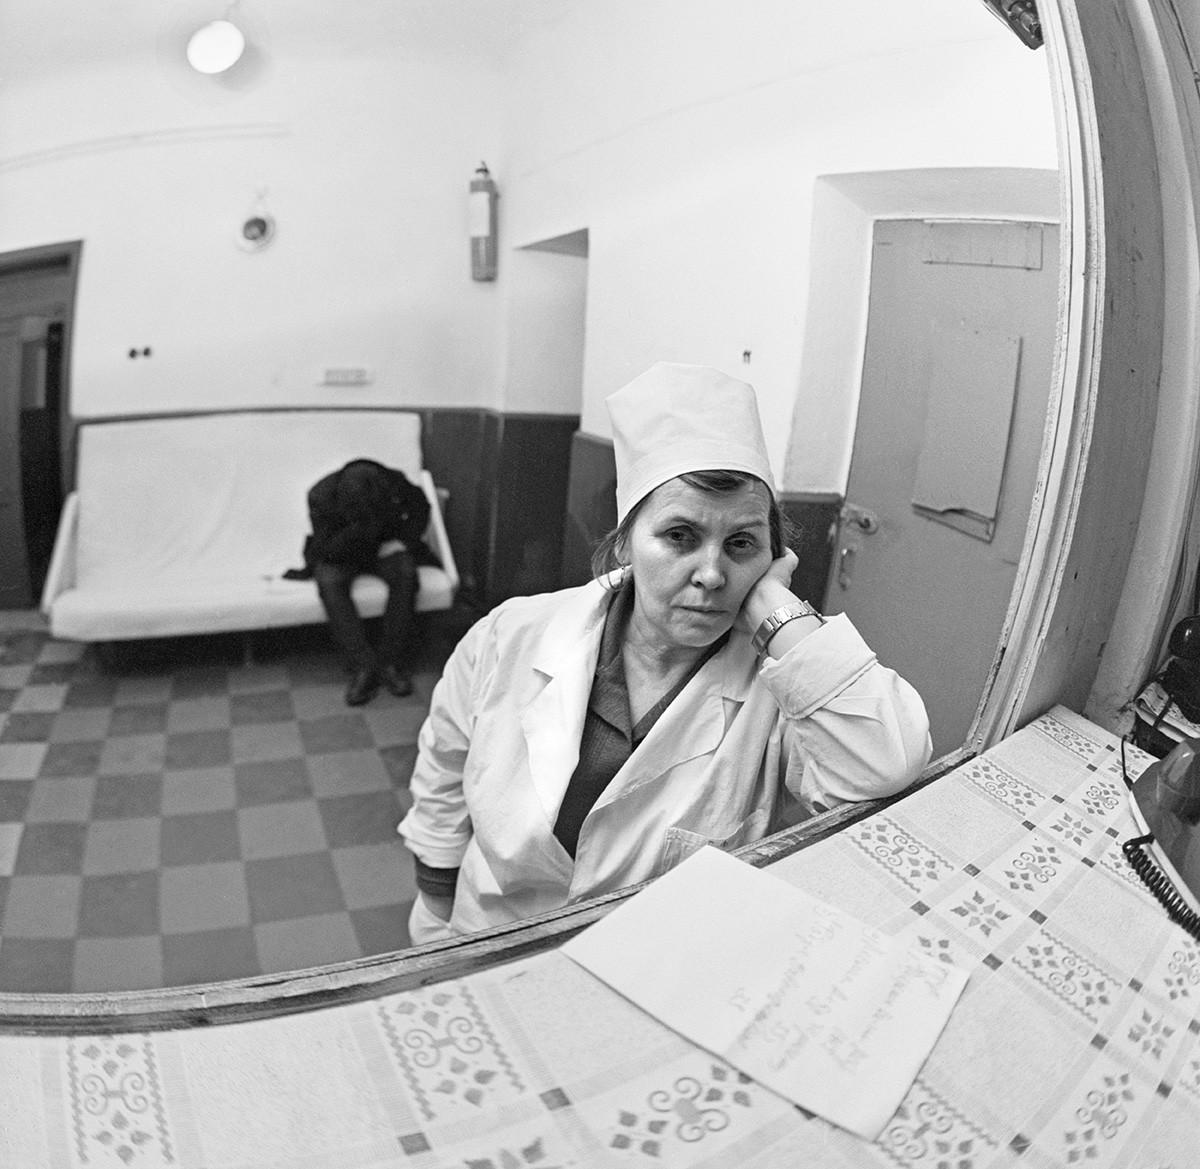 """Молдавска Совјетска Социјалистичка Република. Кишињов,, 31. децембар 1987. Медицинска сестра Јевгенија Фомовна Телипан на радном месту у Кишињовском медицинском """"трезнилишту""""."""